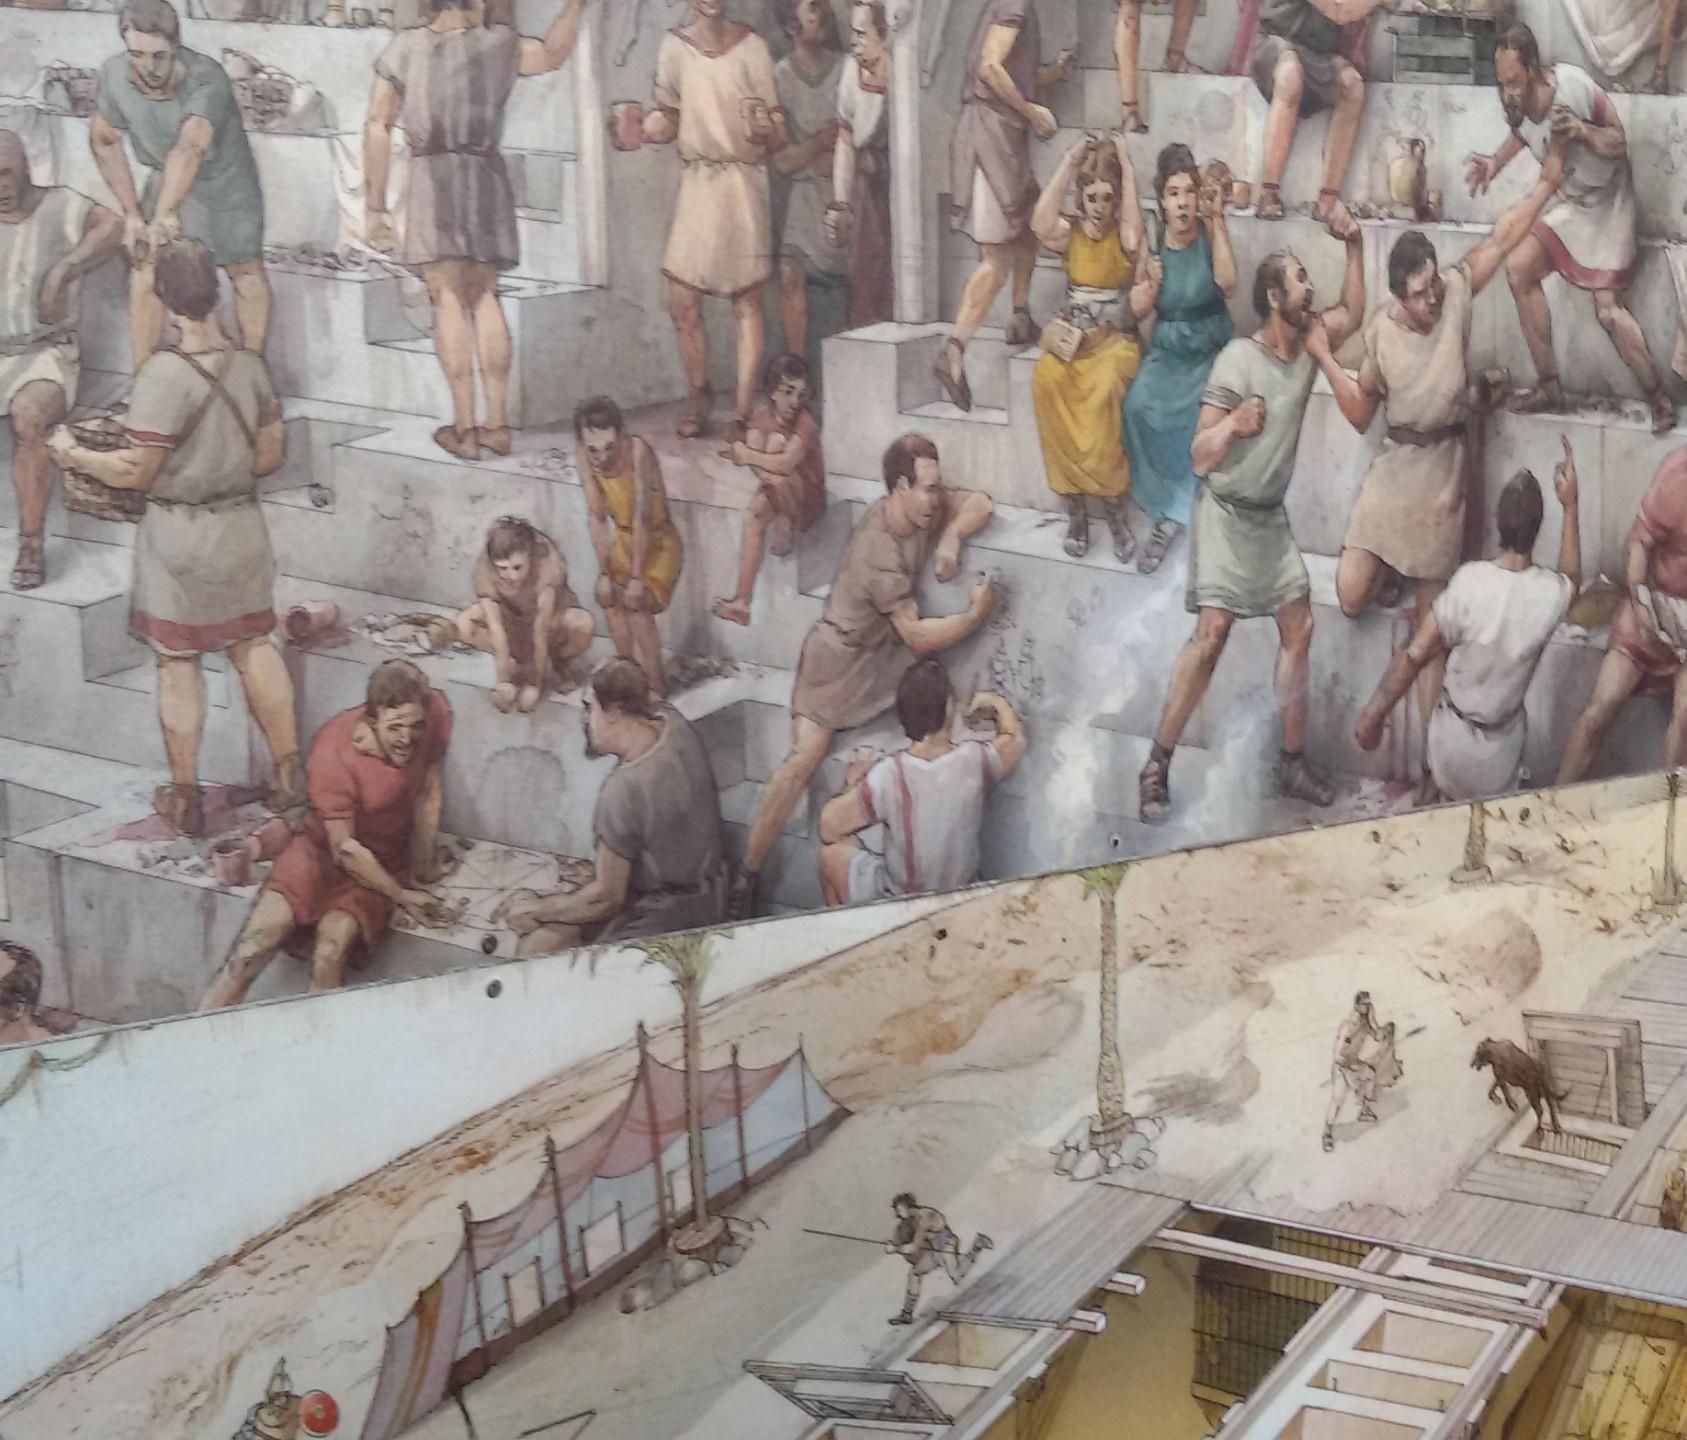 População no Coliseu